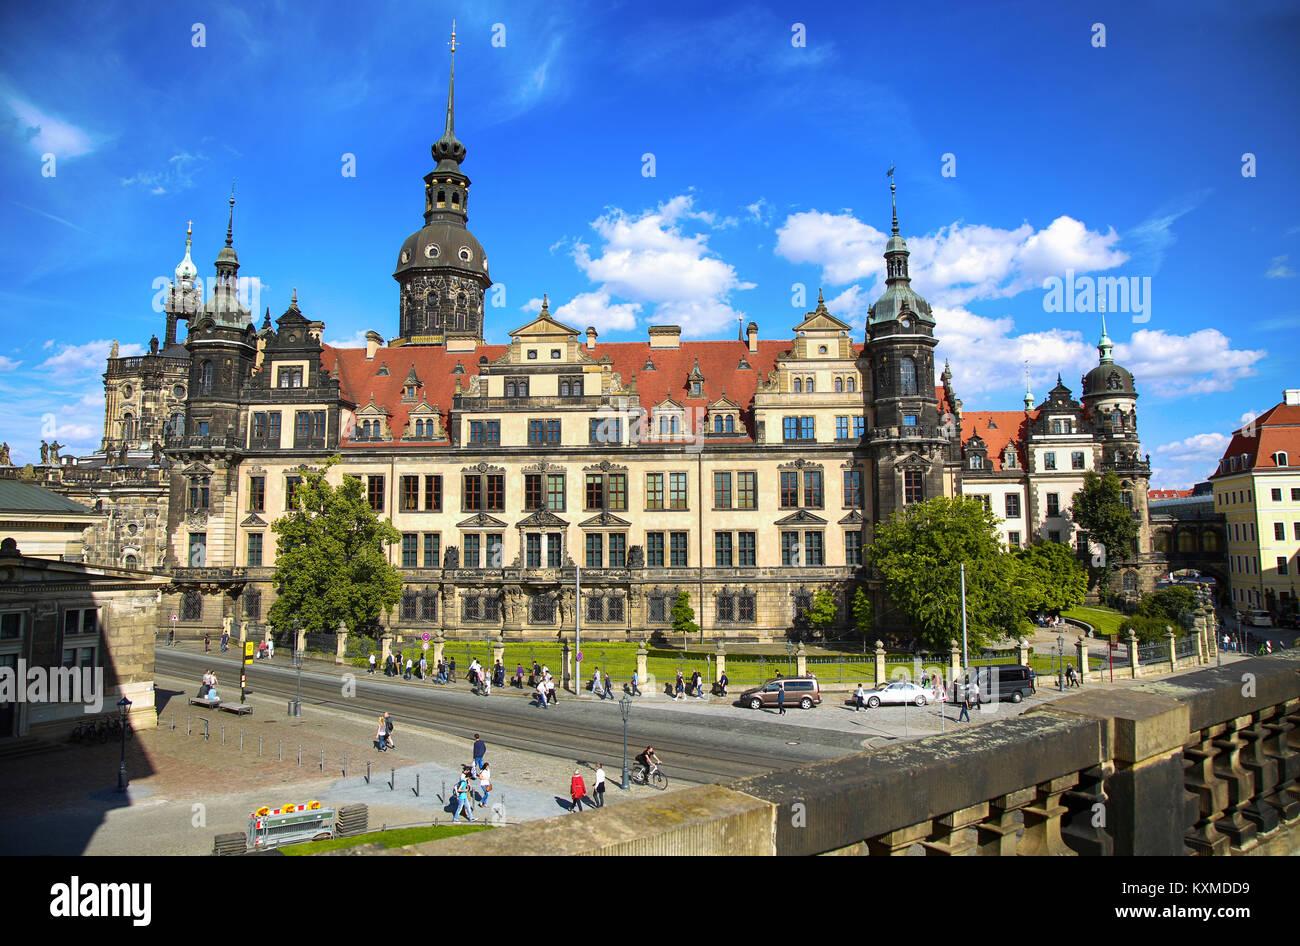 DRESDEN, Deutschland - 13. AUGUST 2016: Touristen zu Fuß auf der Sophienstraße Street und majestätischen Stockbild